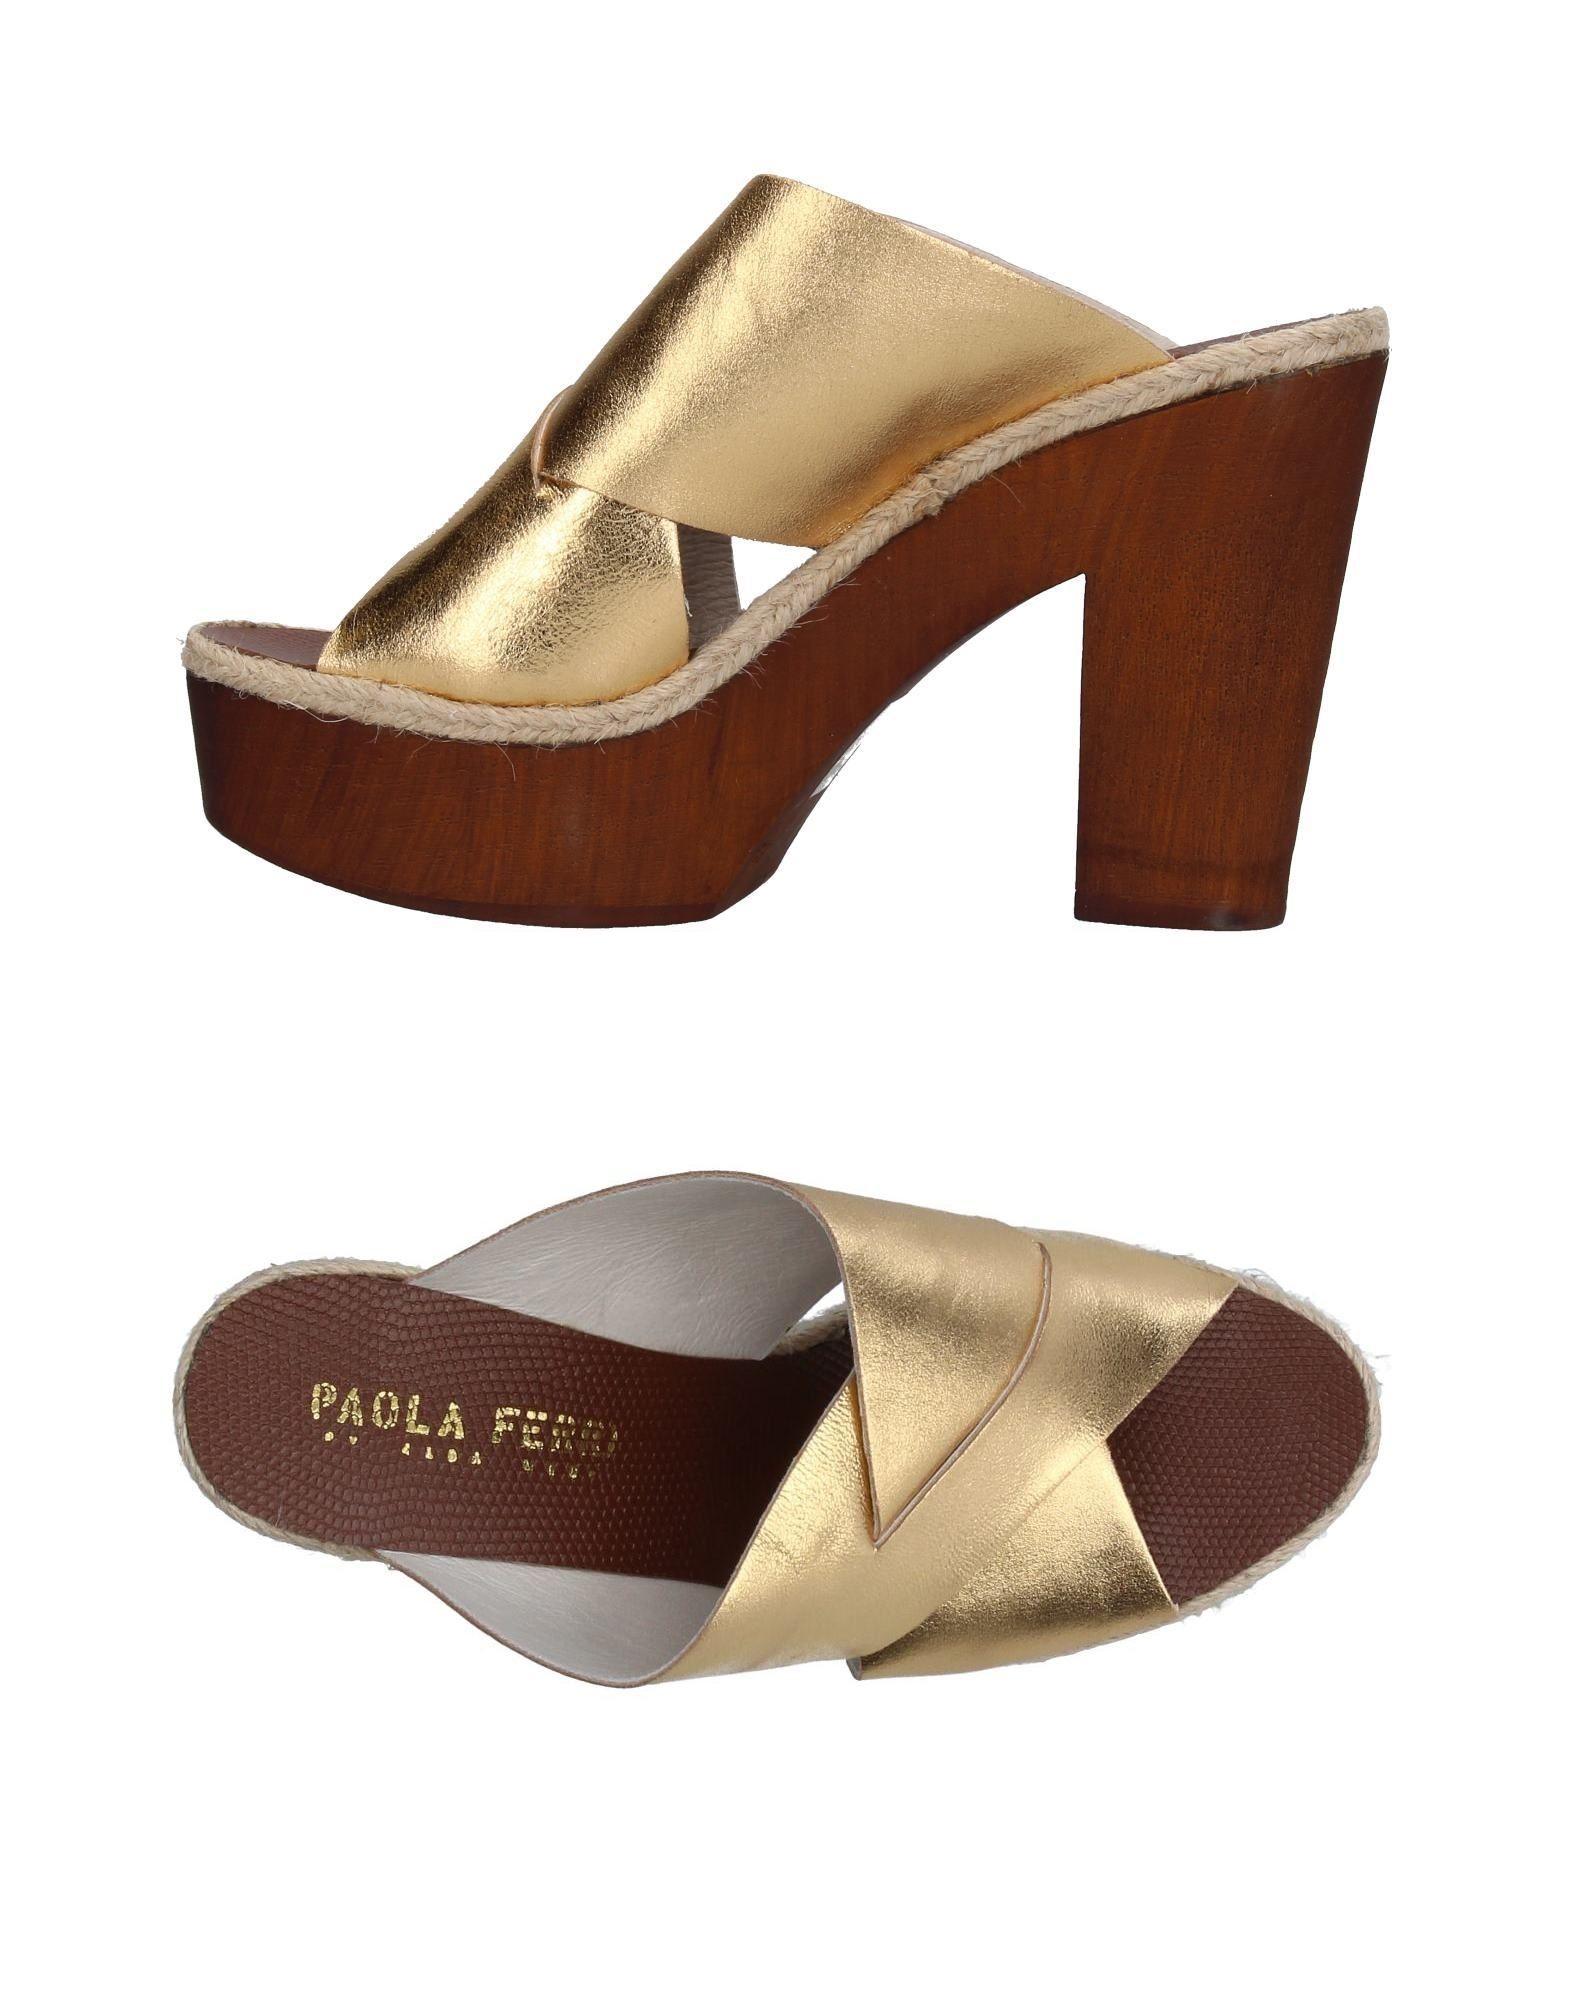 Paola Ferri Sandalen Damen  11374942OE Gute Qualität beliebte Schuhe